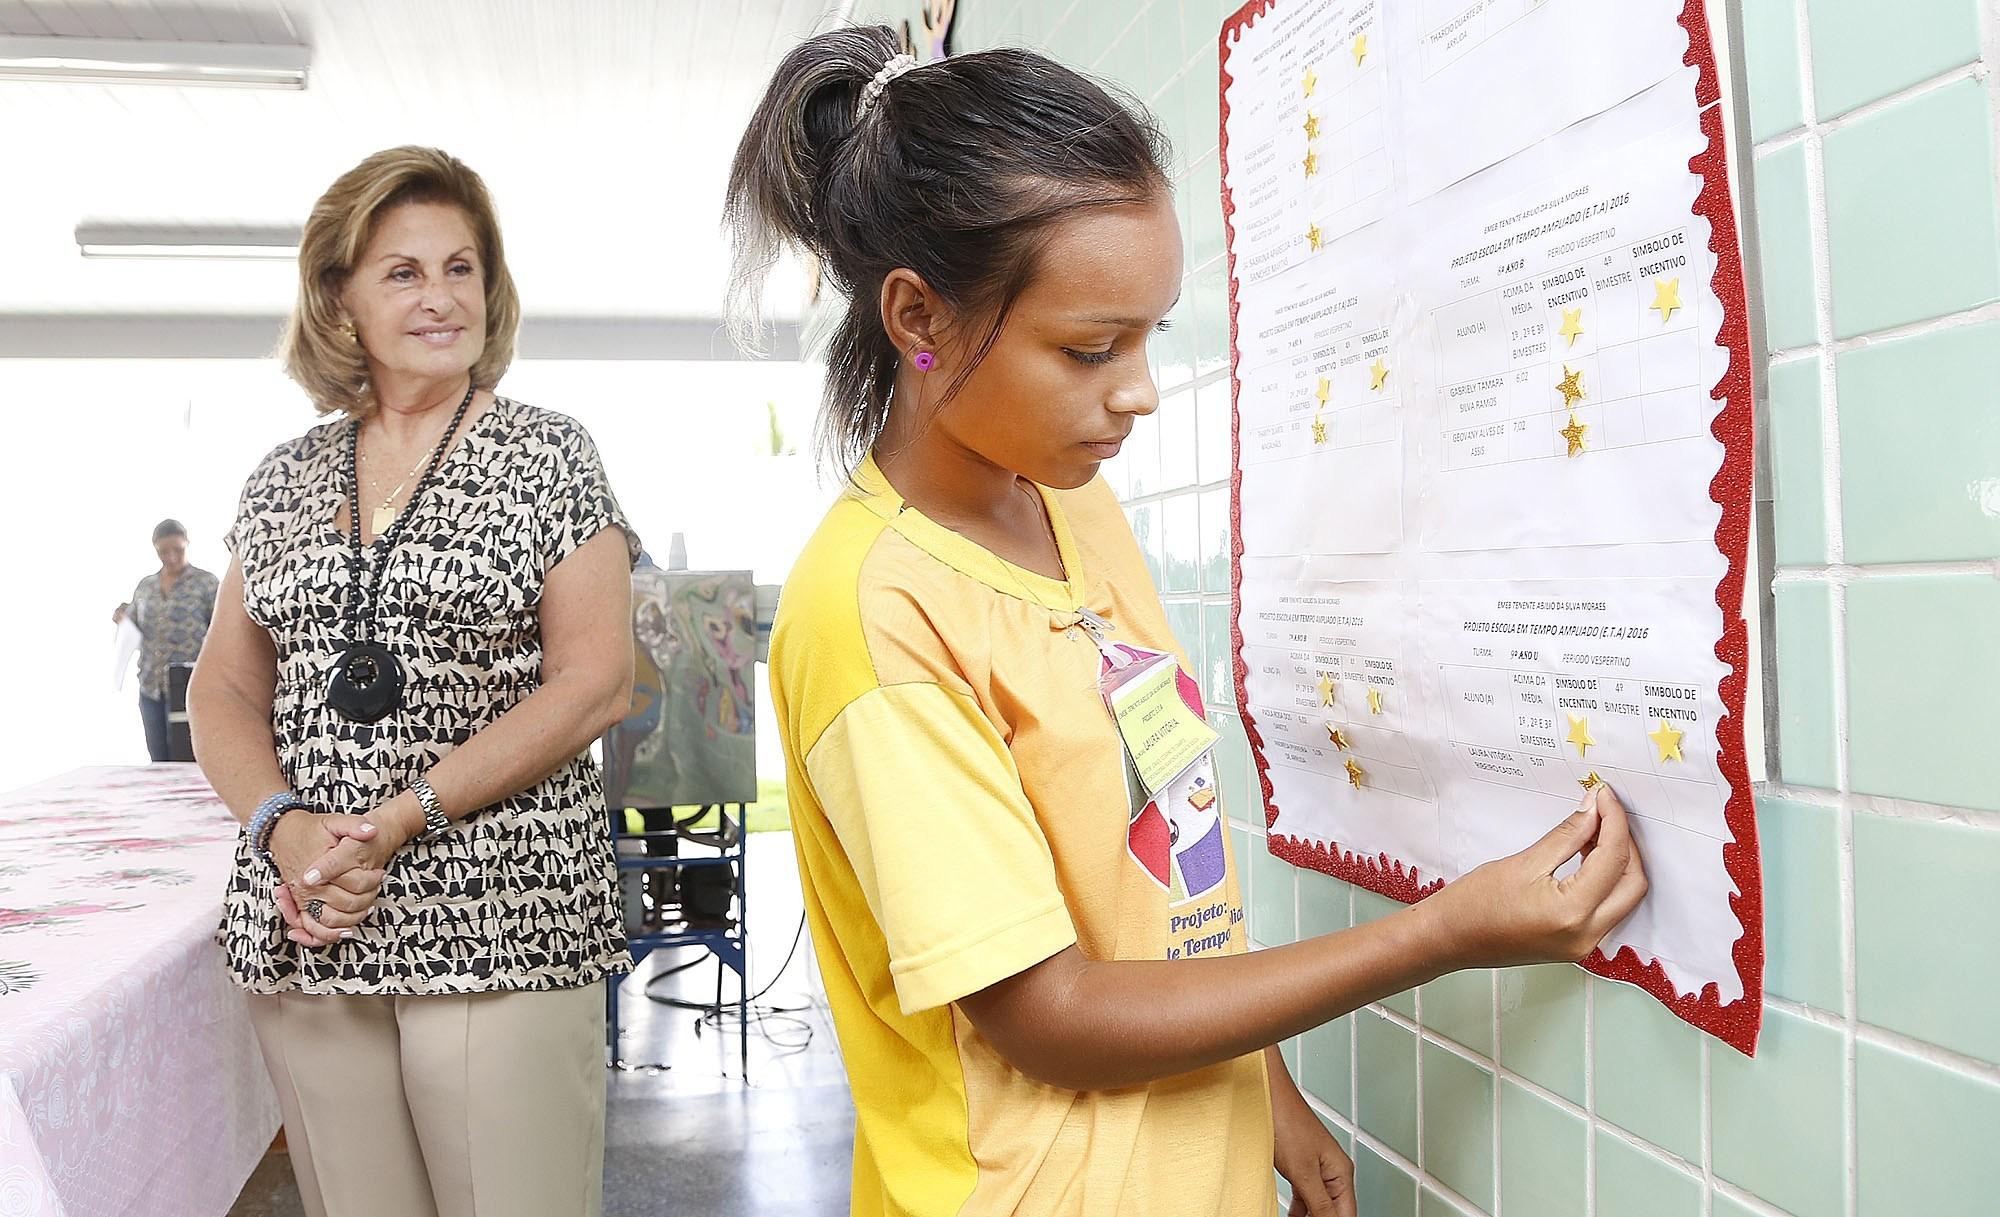 Prefeitura avalia novas políticas públicas para Educação de Várzea Grande